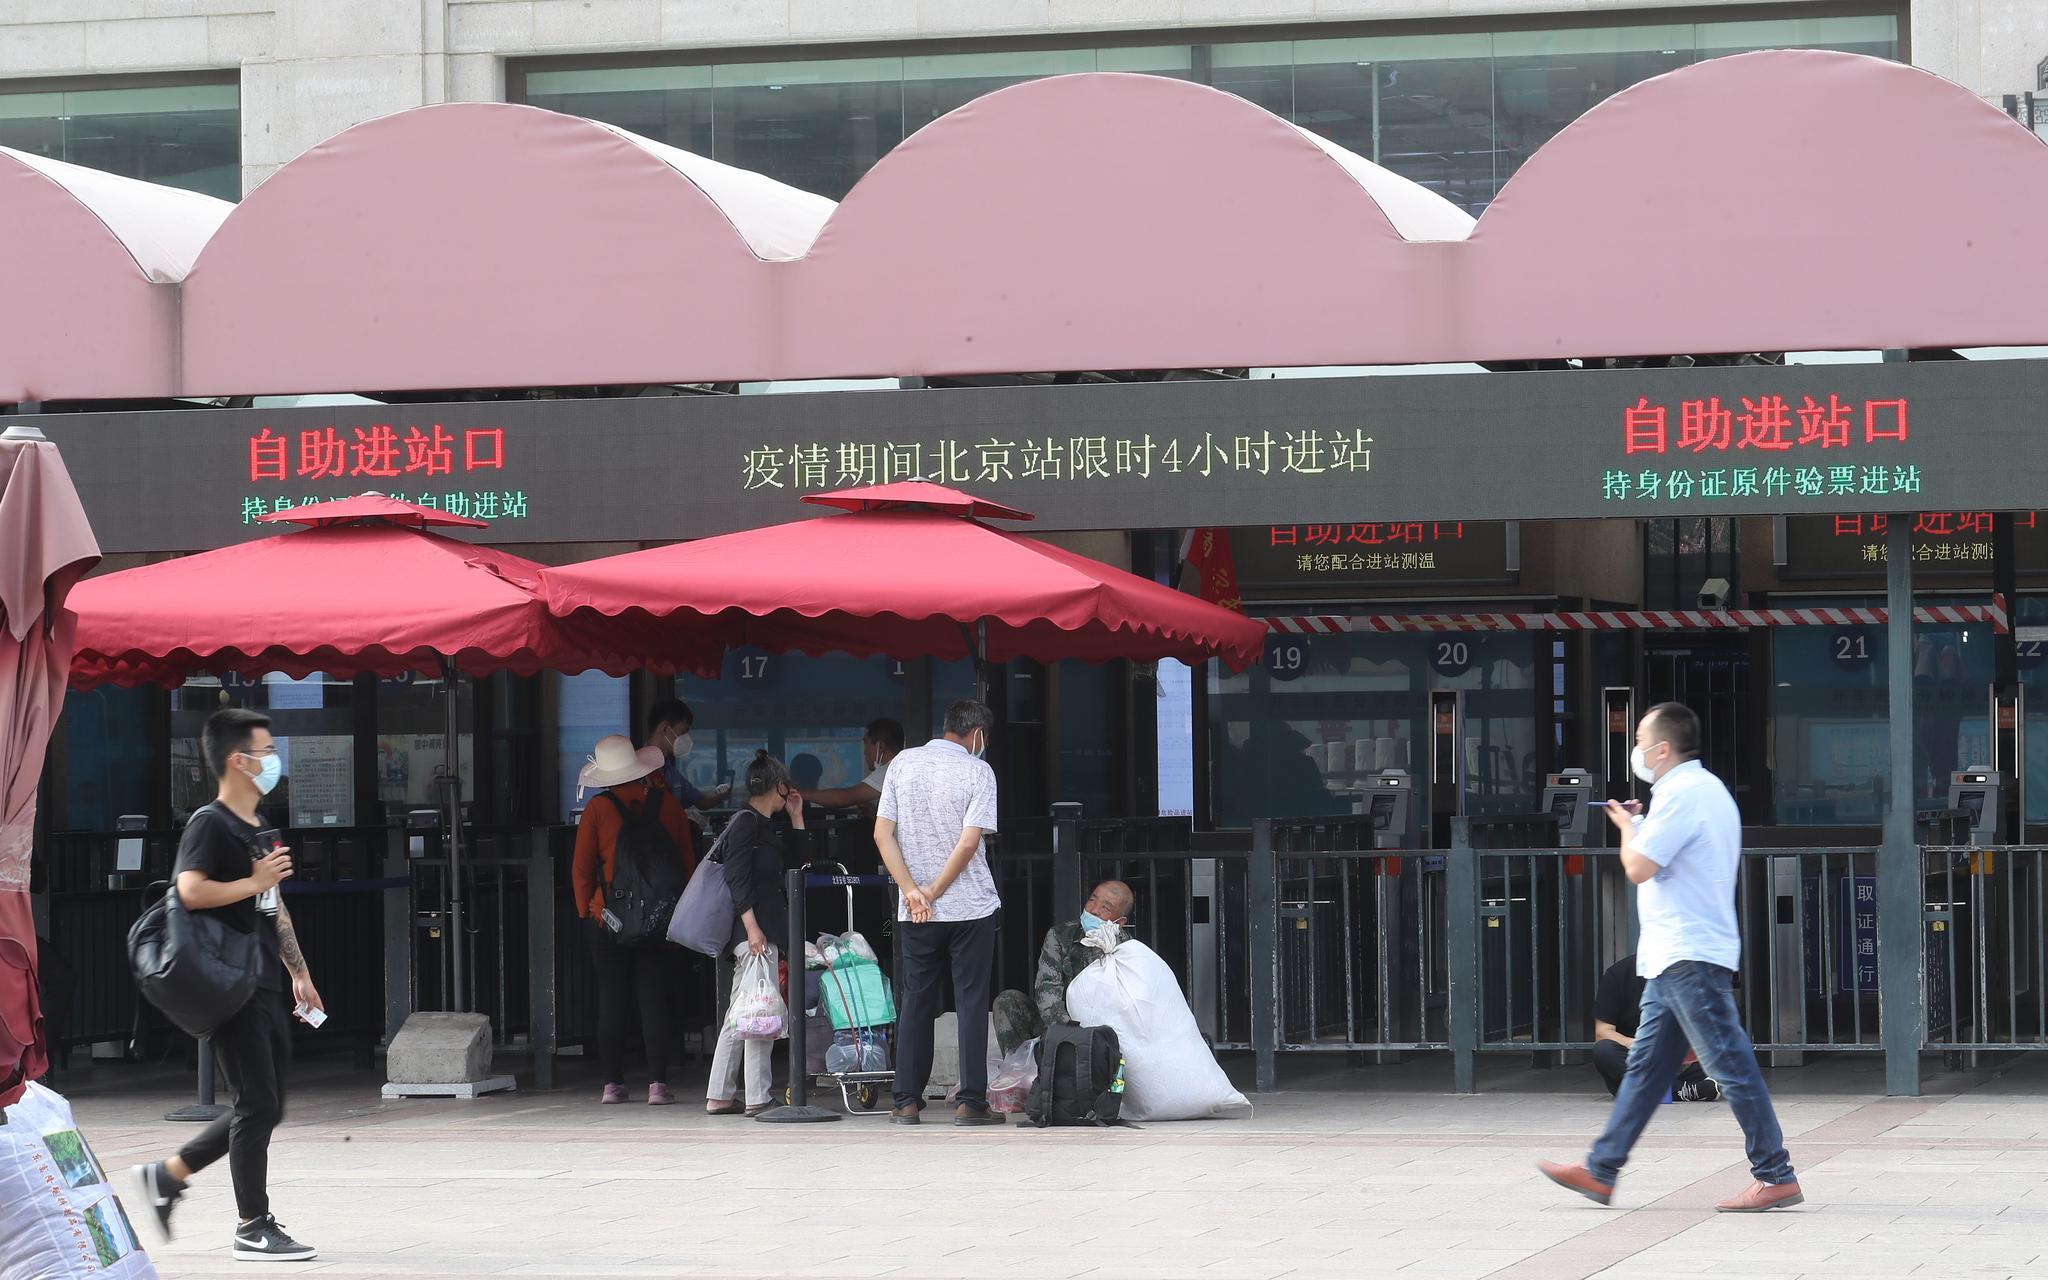 游客购票后,在发车前四个小时内可进入车站。拍照/新京报记者 王贵彬